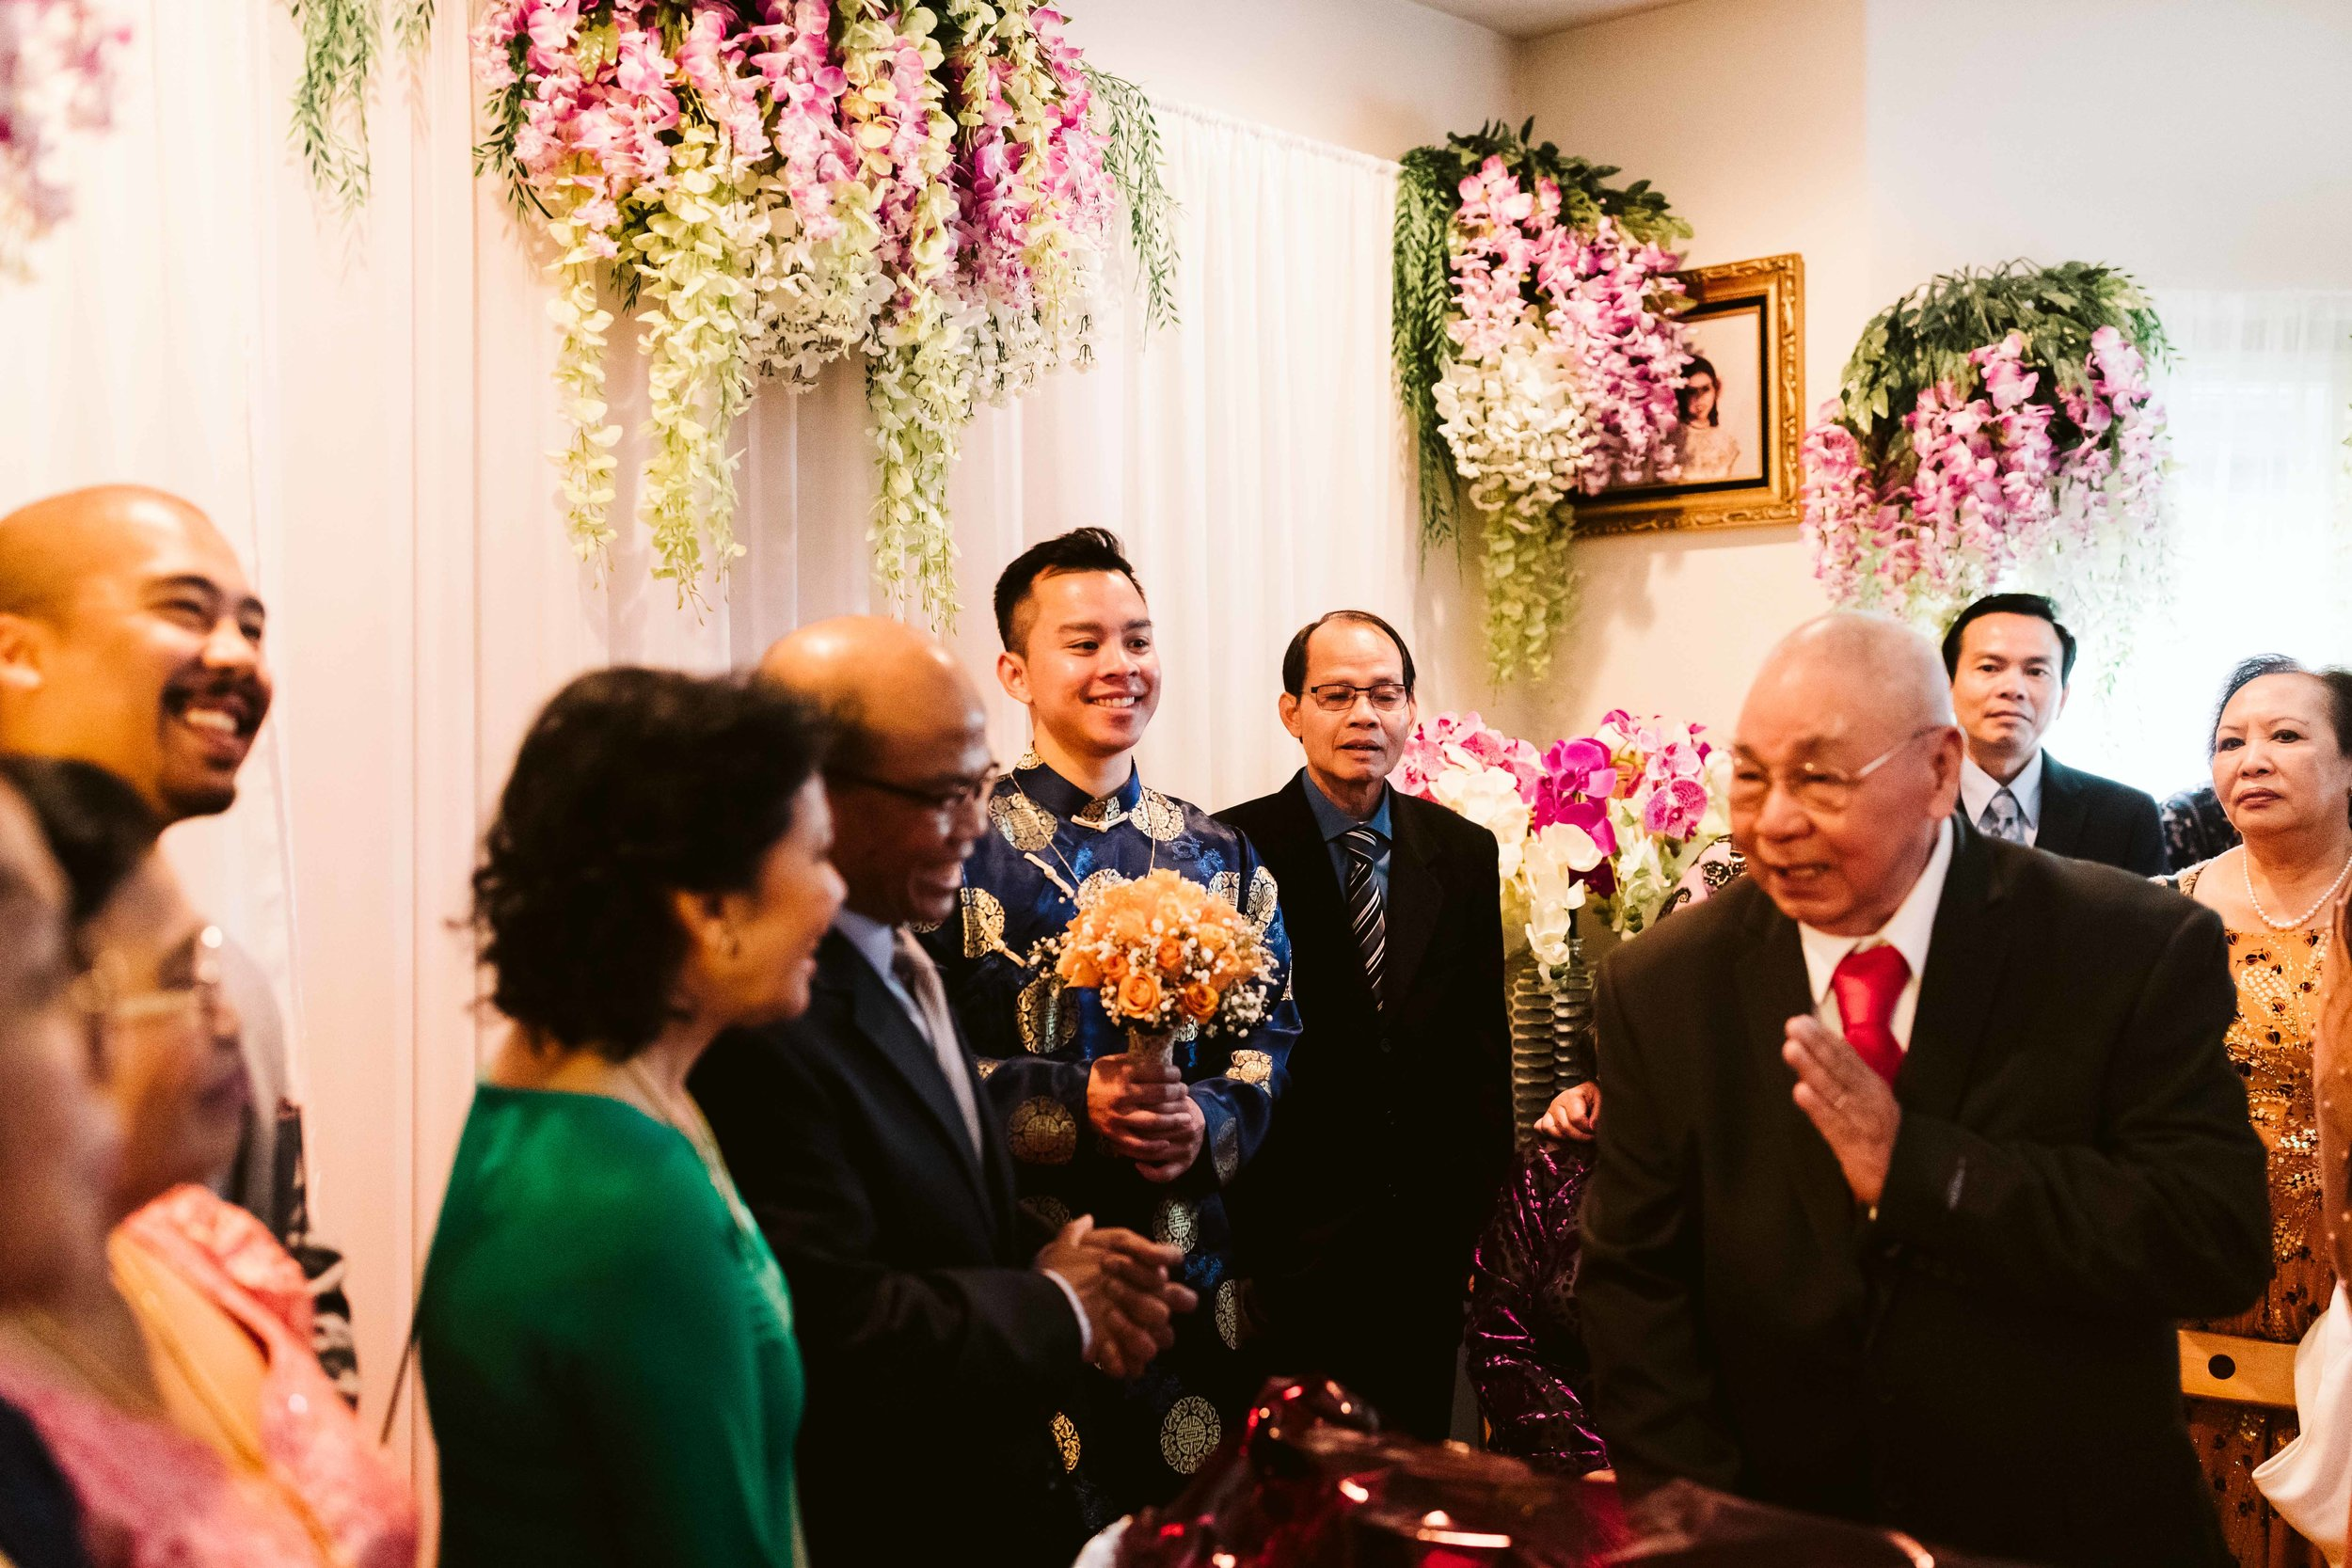 portland-oregon-wedding-14.jpg